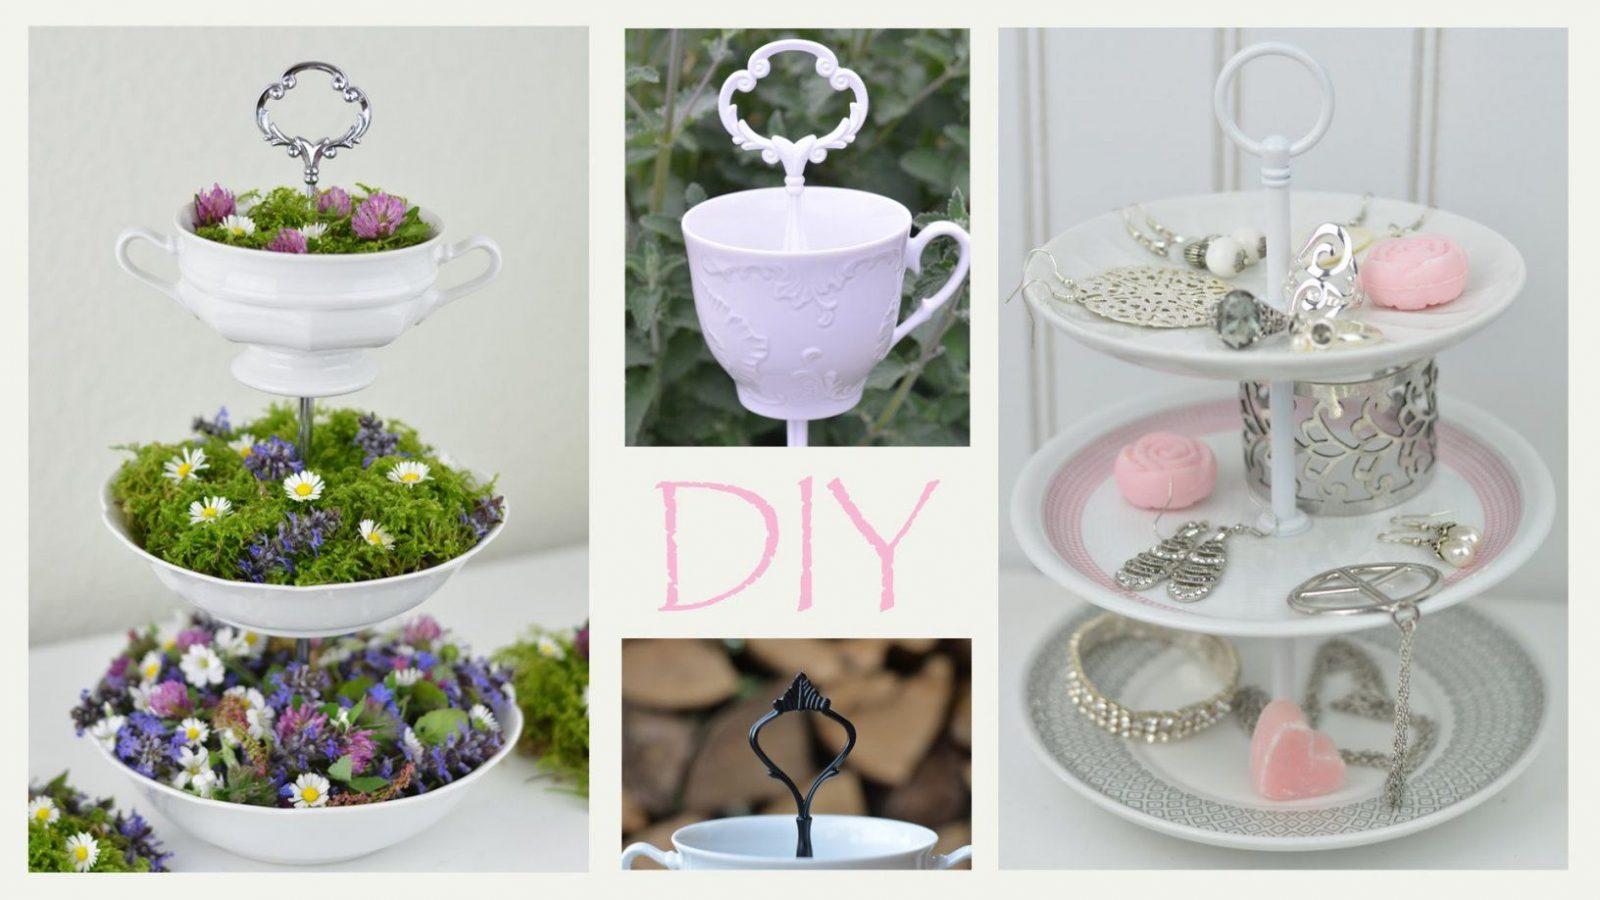 Diy  Etagere Aus Altem Geschirr Selbermachen Romantische Deko von Shabby Chic Deko Ideen Selbermachen Bild